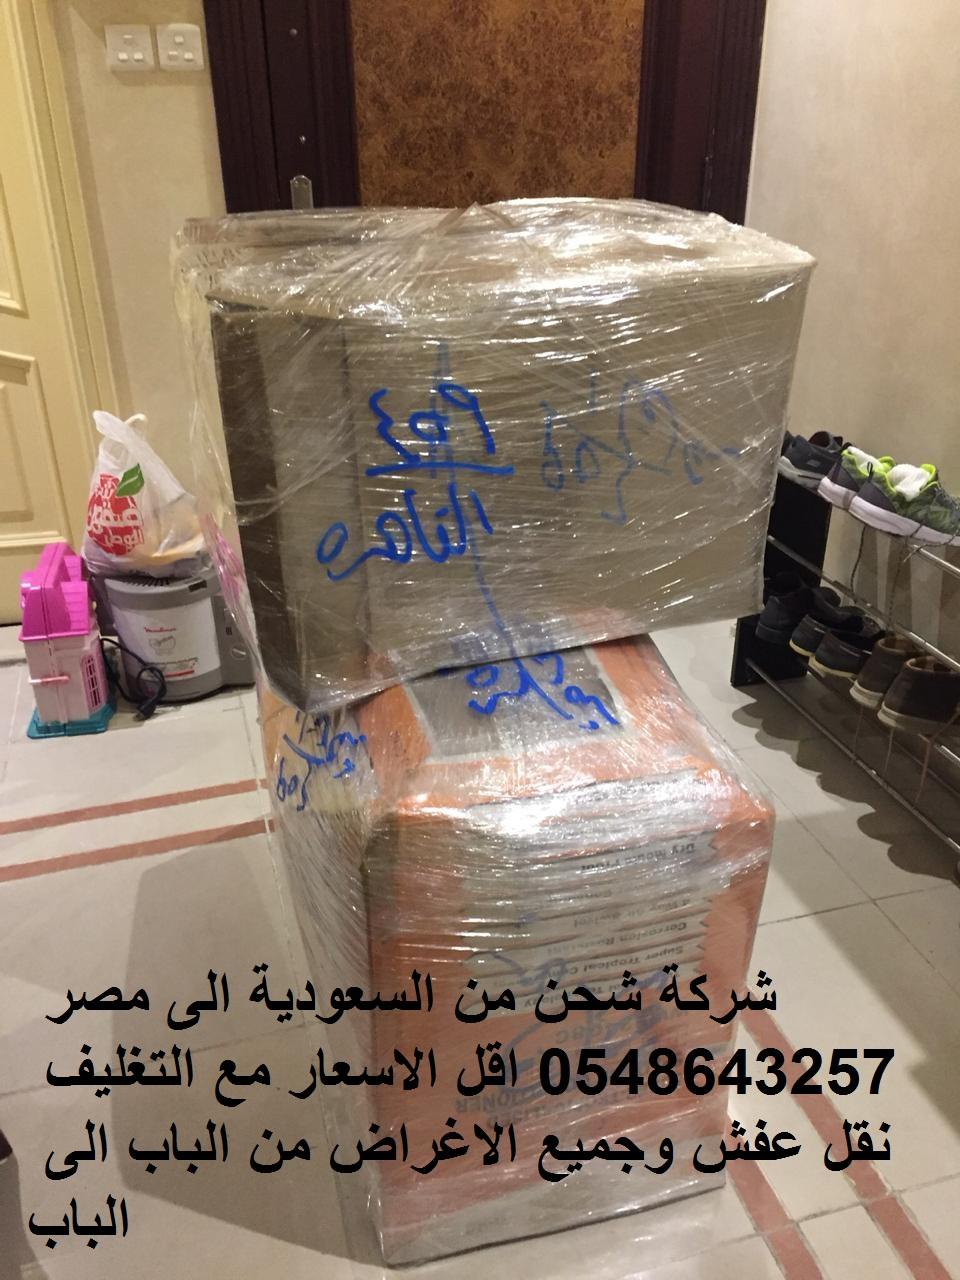 نقل عفش من جدة لمصر, نقل عفش من الرياض لمصر, نقل عفش من السعودية لمصر, شحن من السعودية الى مصر, شحن برى,